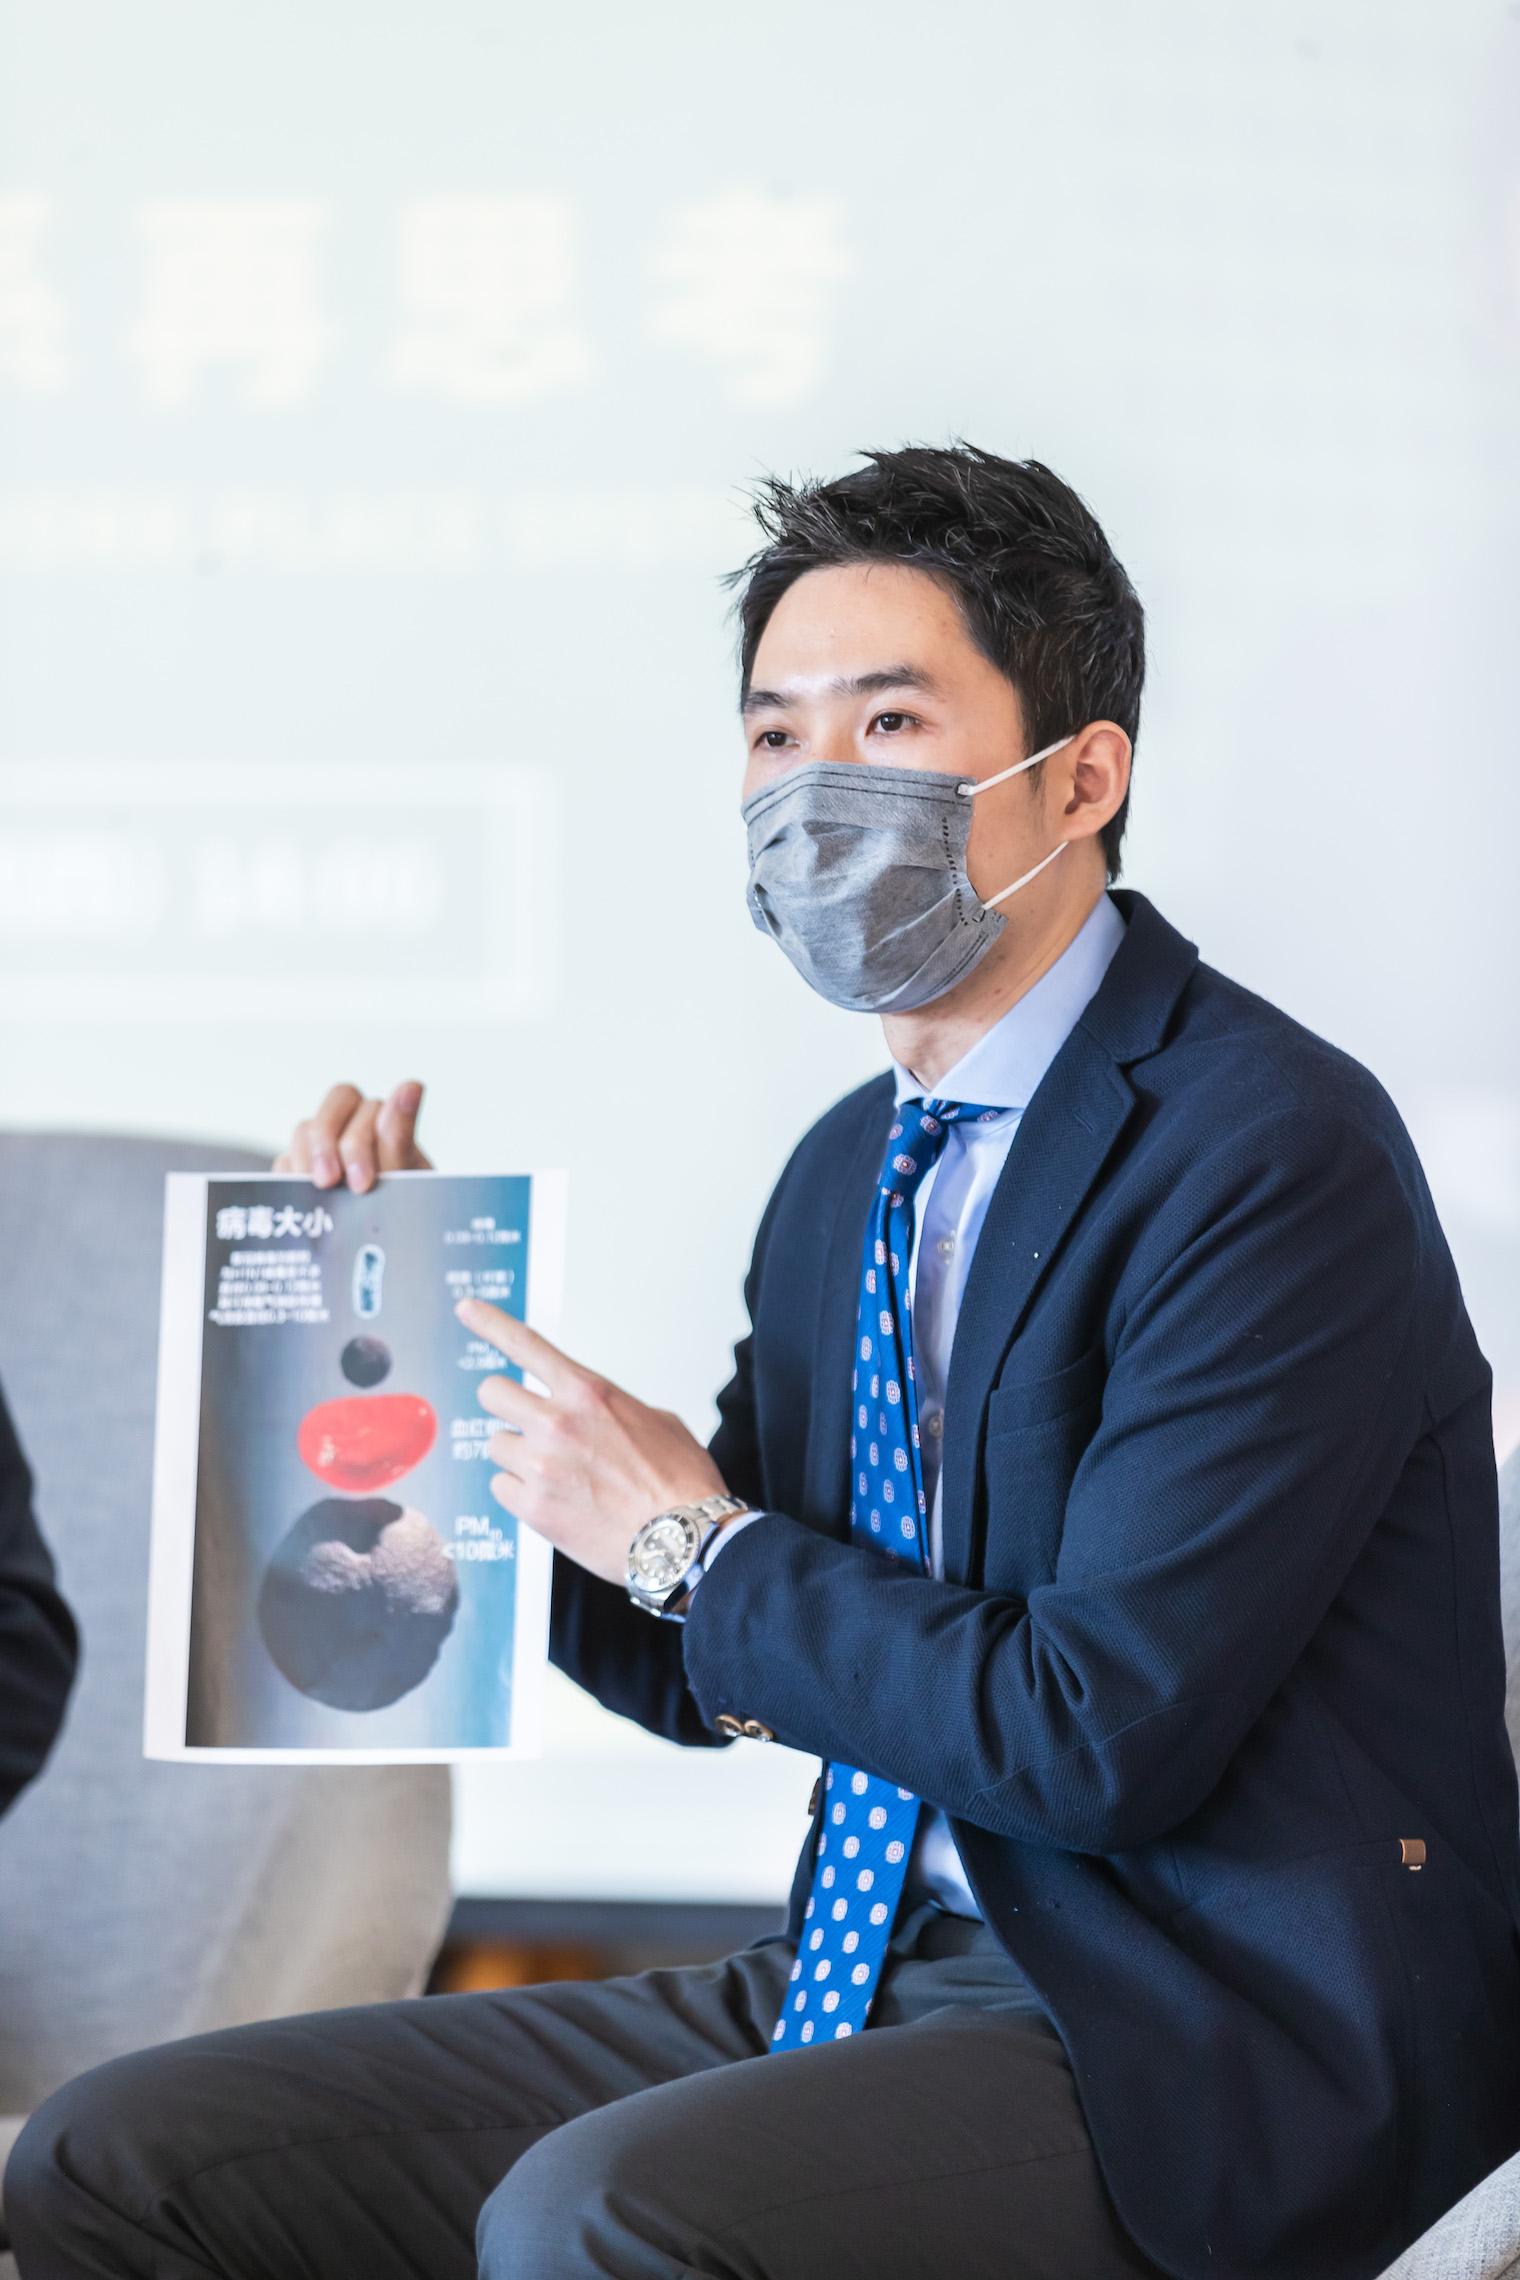 世茂商业及主题娱乐携手IWBI辟新云端论坛——聚焦后疫情时代健康办公可持续发展